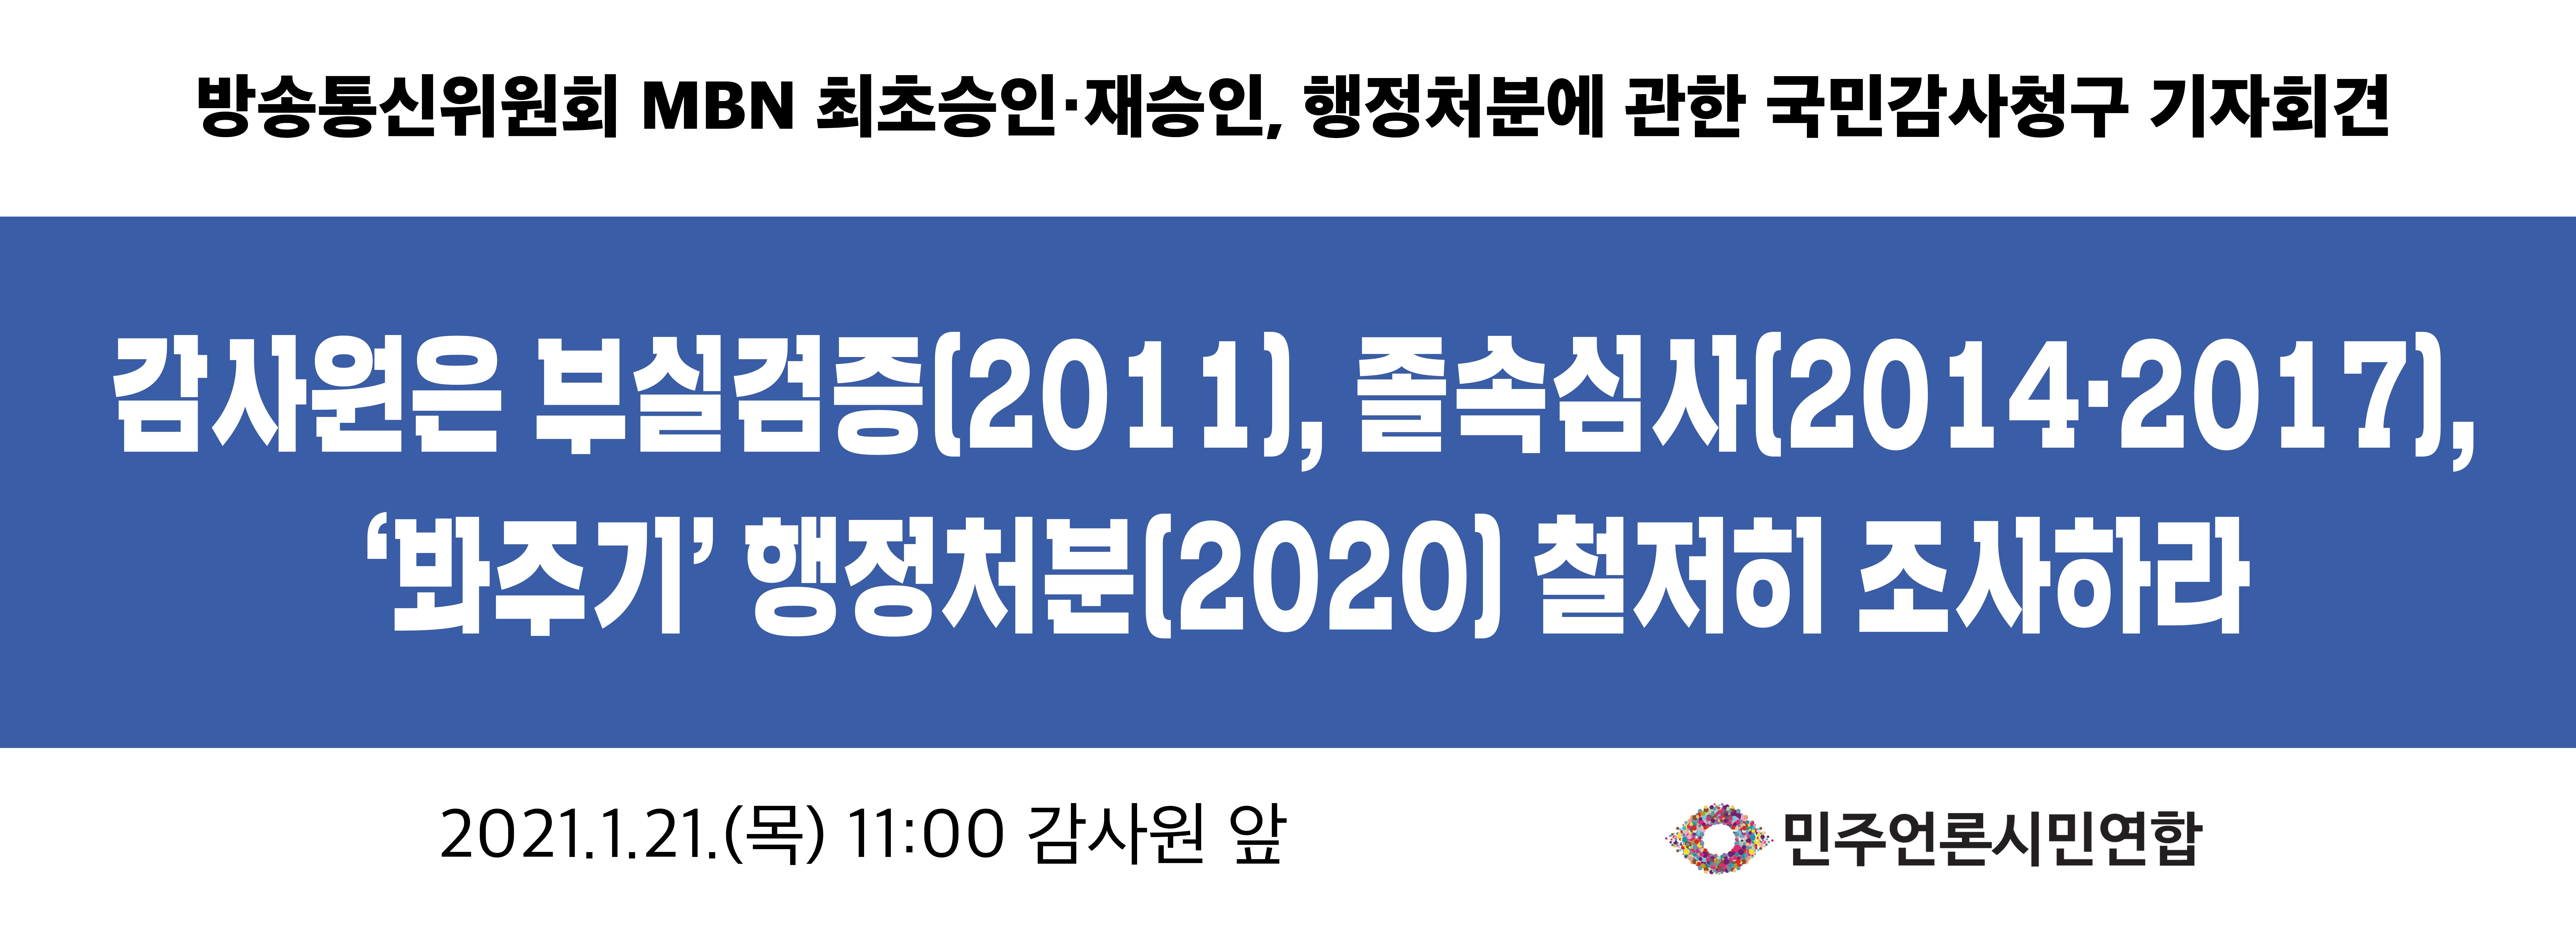 현수막_감사원앞기자회견.jpg